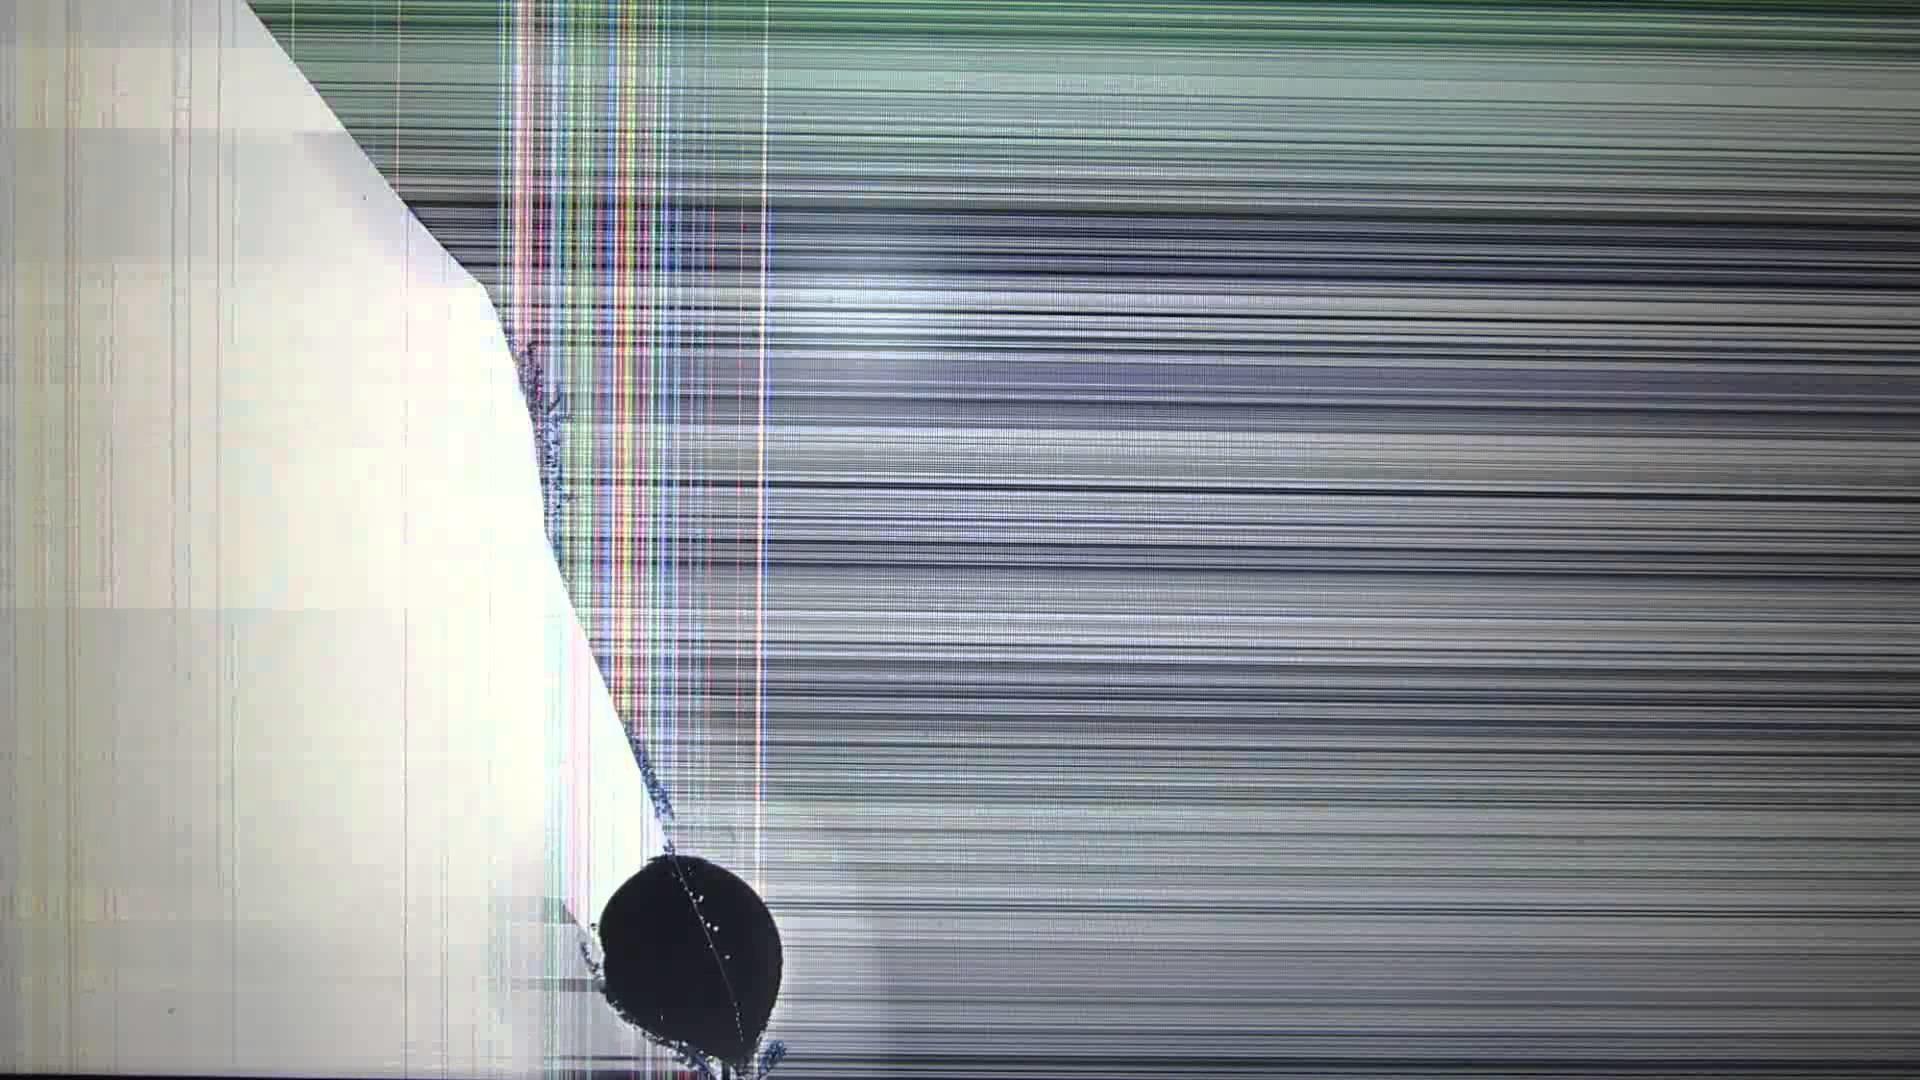 1920x1080 Broken Screen Insception